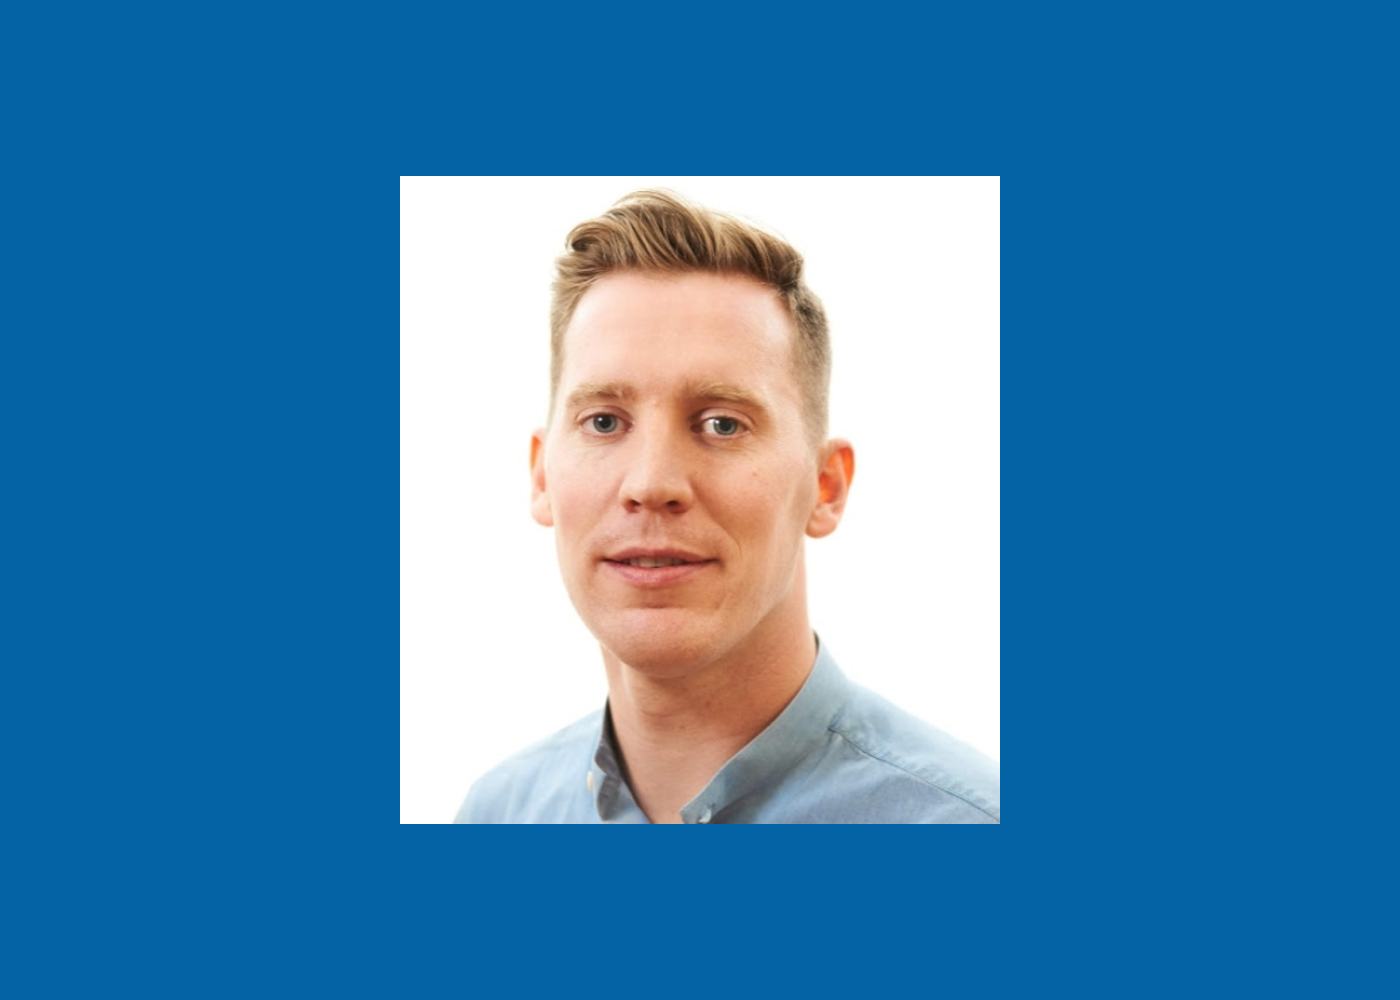 Employee Spotlight - Tijl Speetjens, Senior Business Development Manager